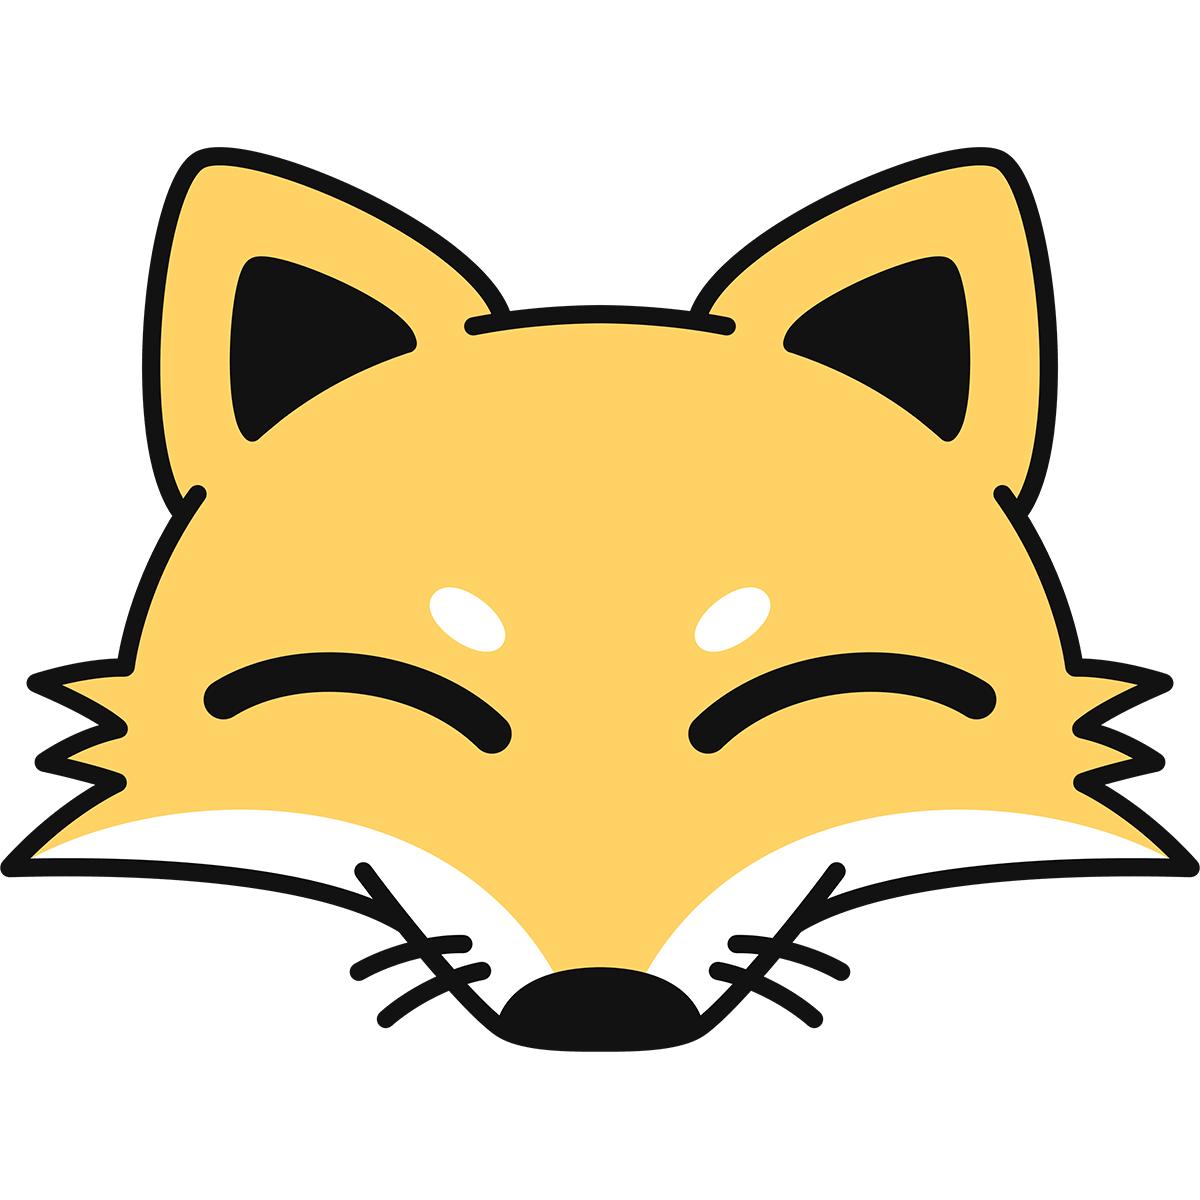 キツネの顔(狐)の無料イラスト